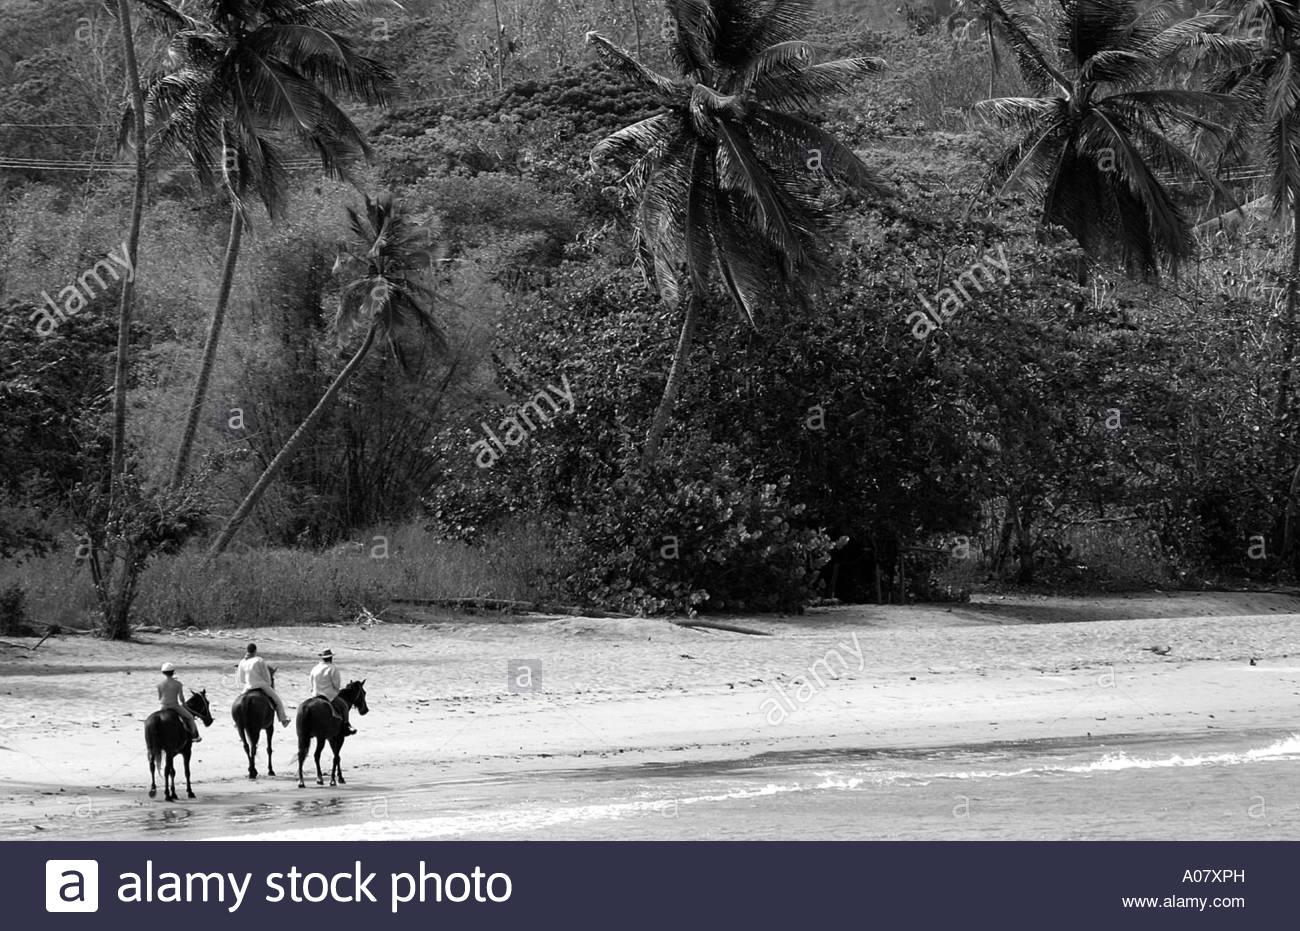 Tobago, Courland Bay Horse Riding - Stock Image